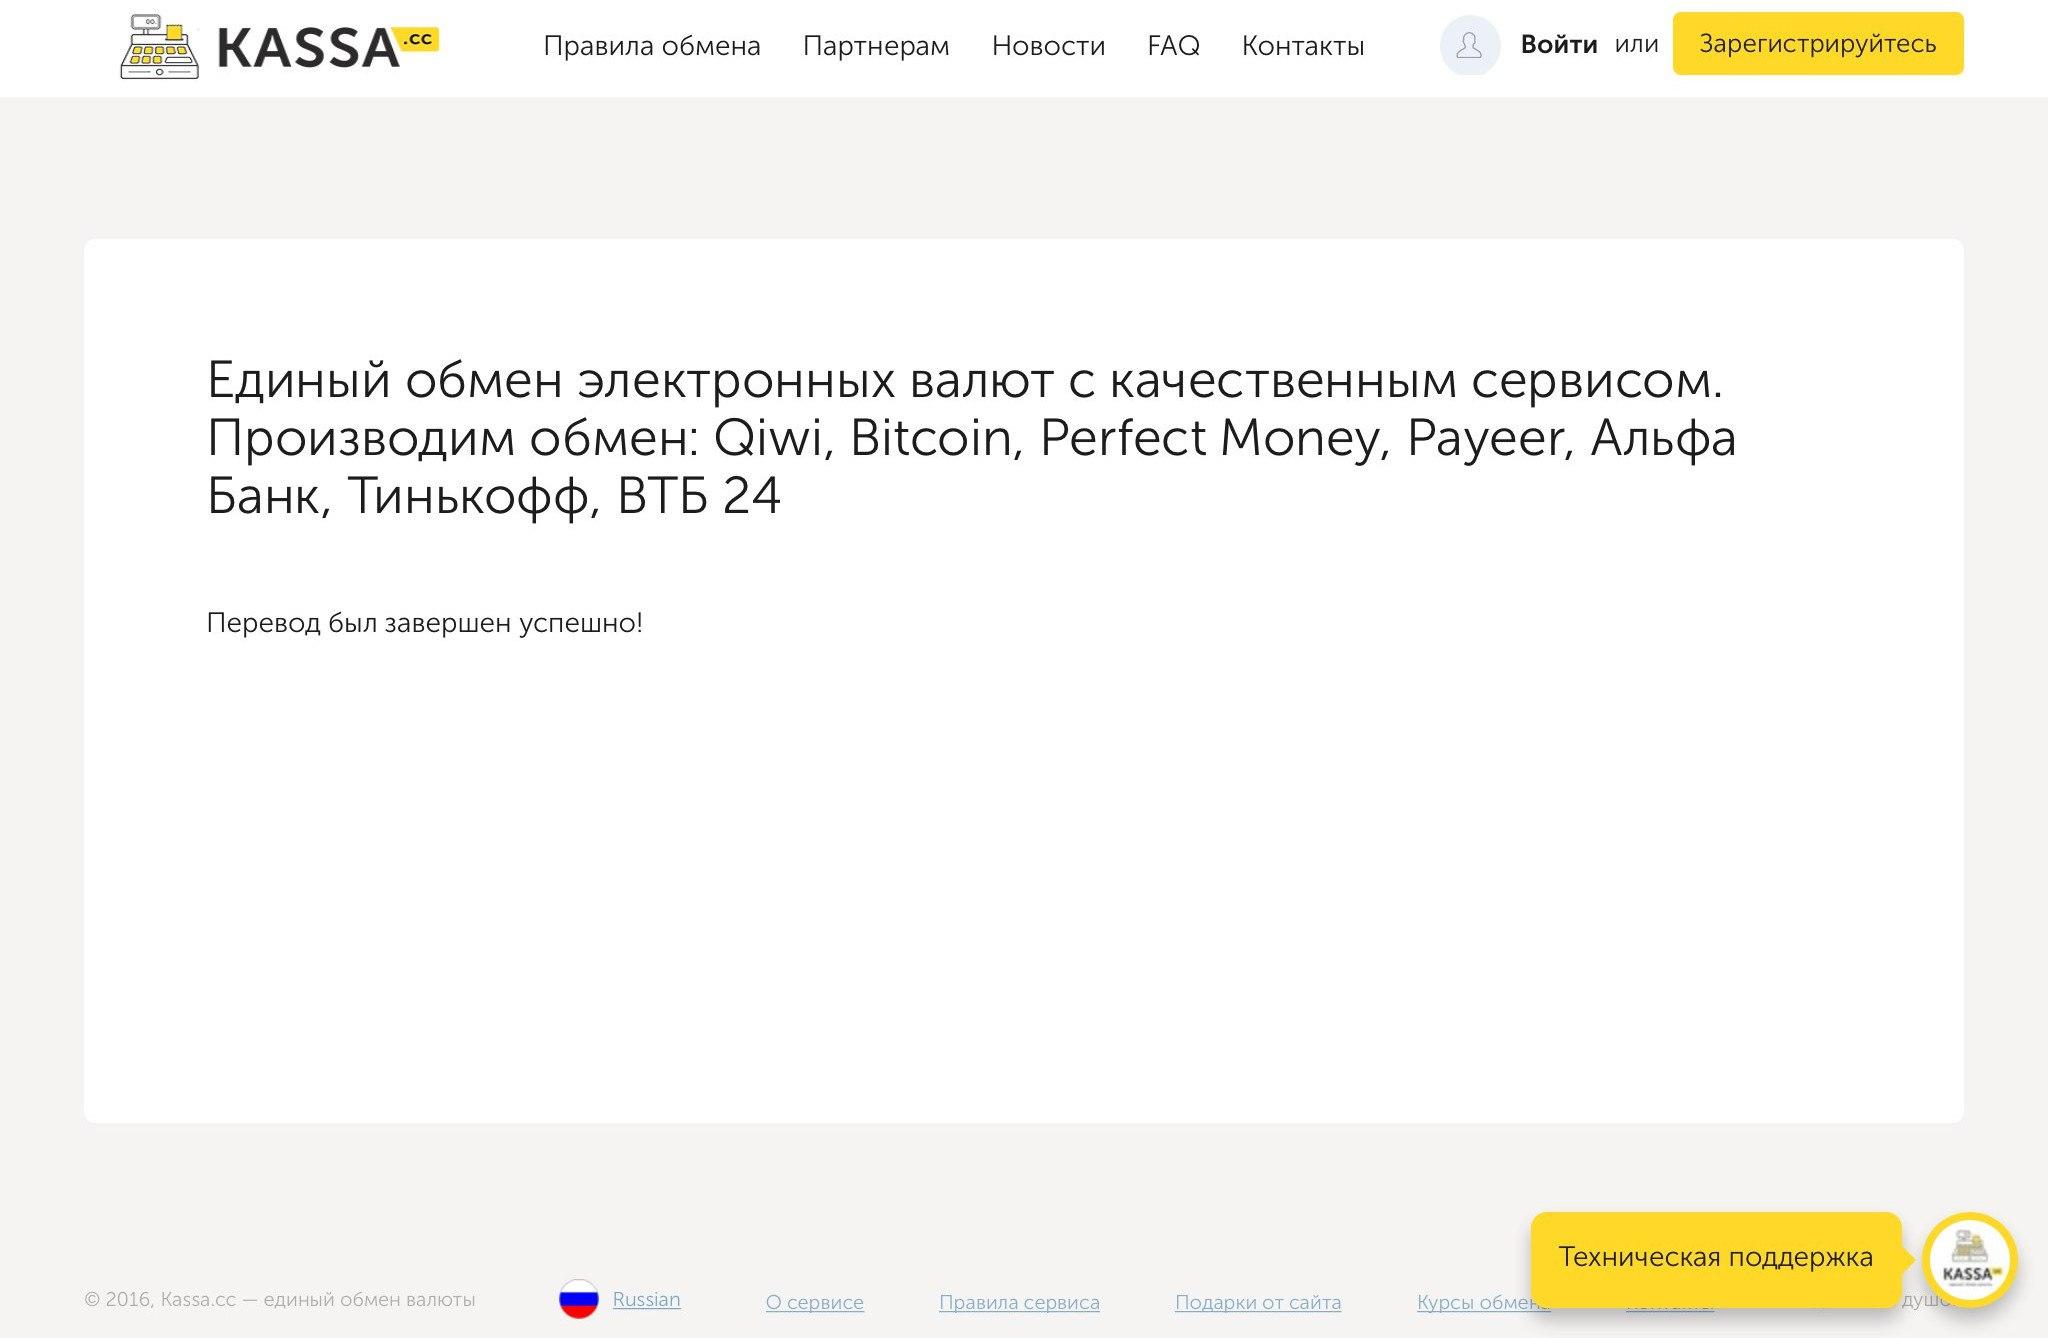 Kassa.cc - единый обмен валюты. Вывод Perfect Money USD на карту Сбербанка